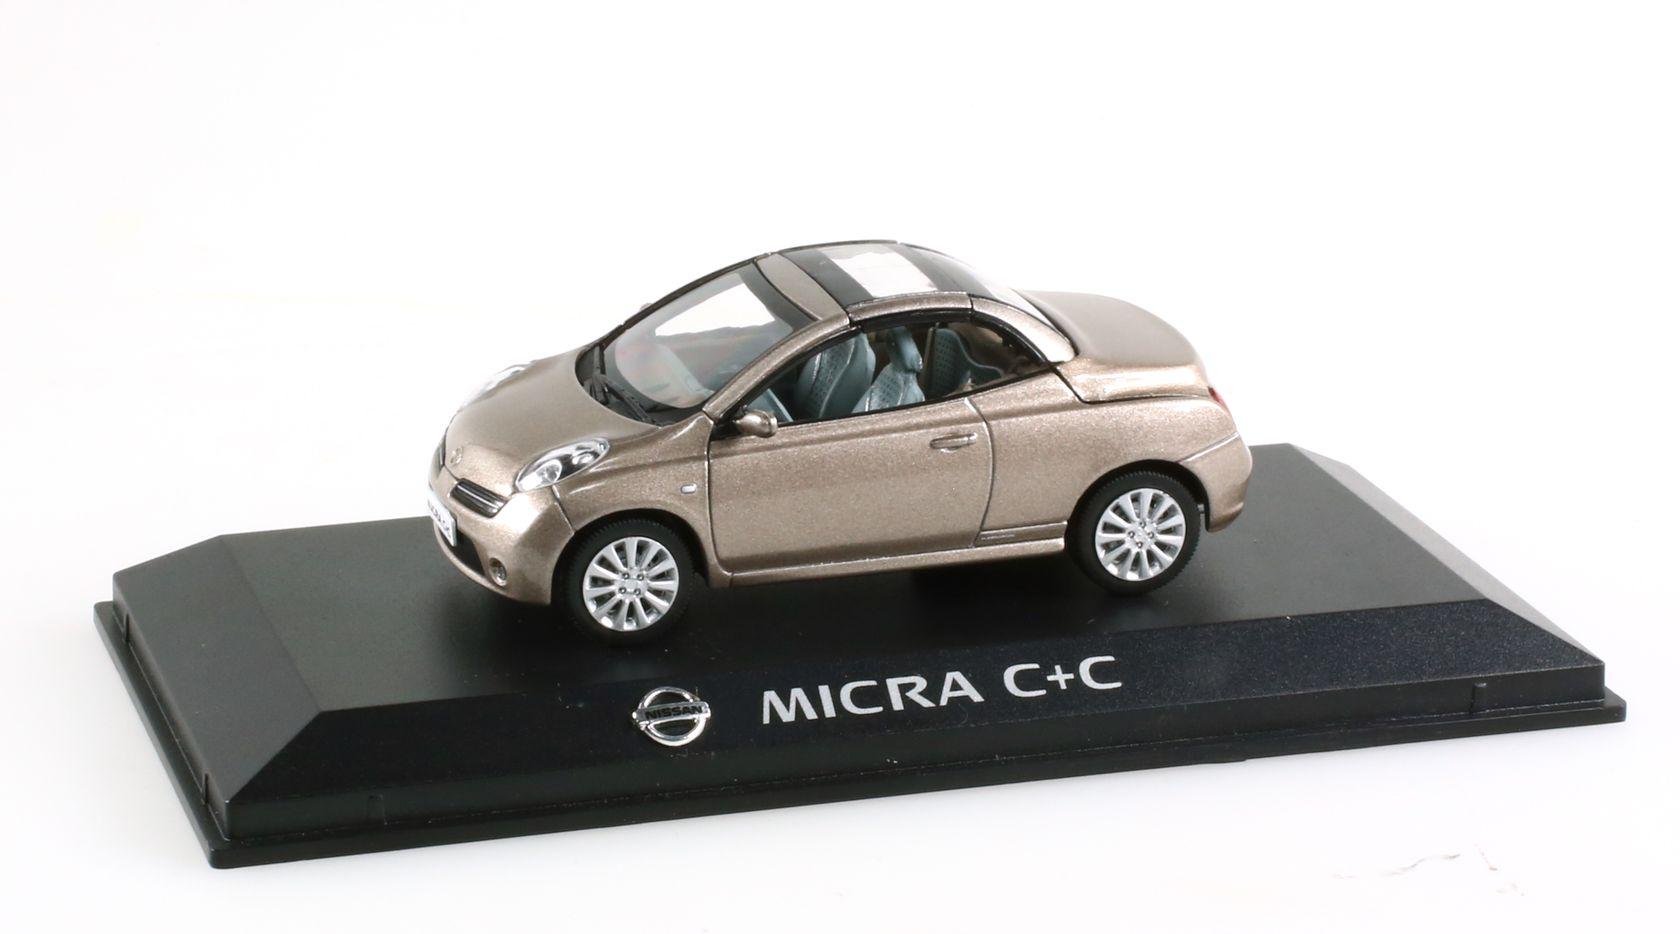 Nissan Micra C + C coupé-cabriolet 1/43